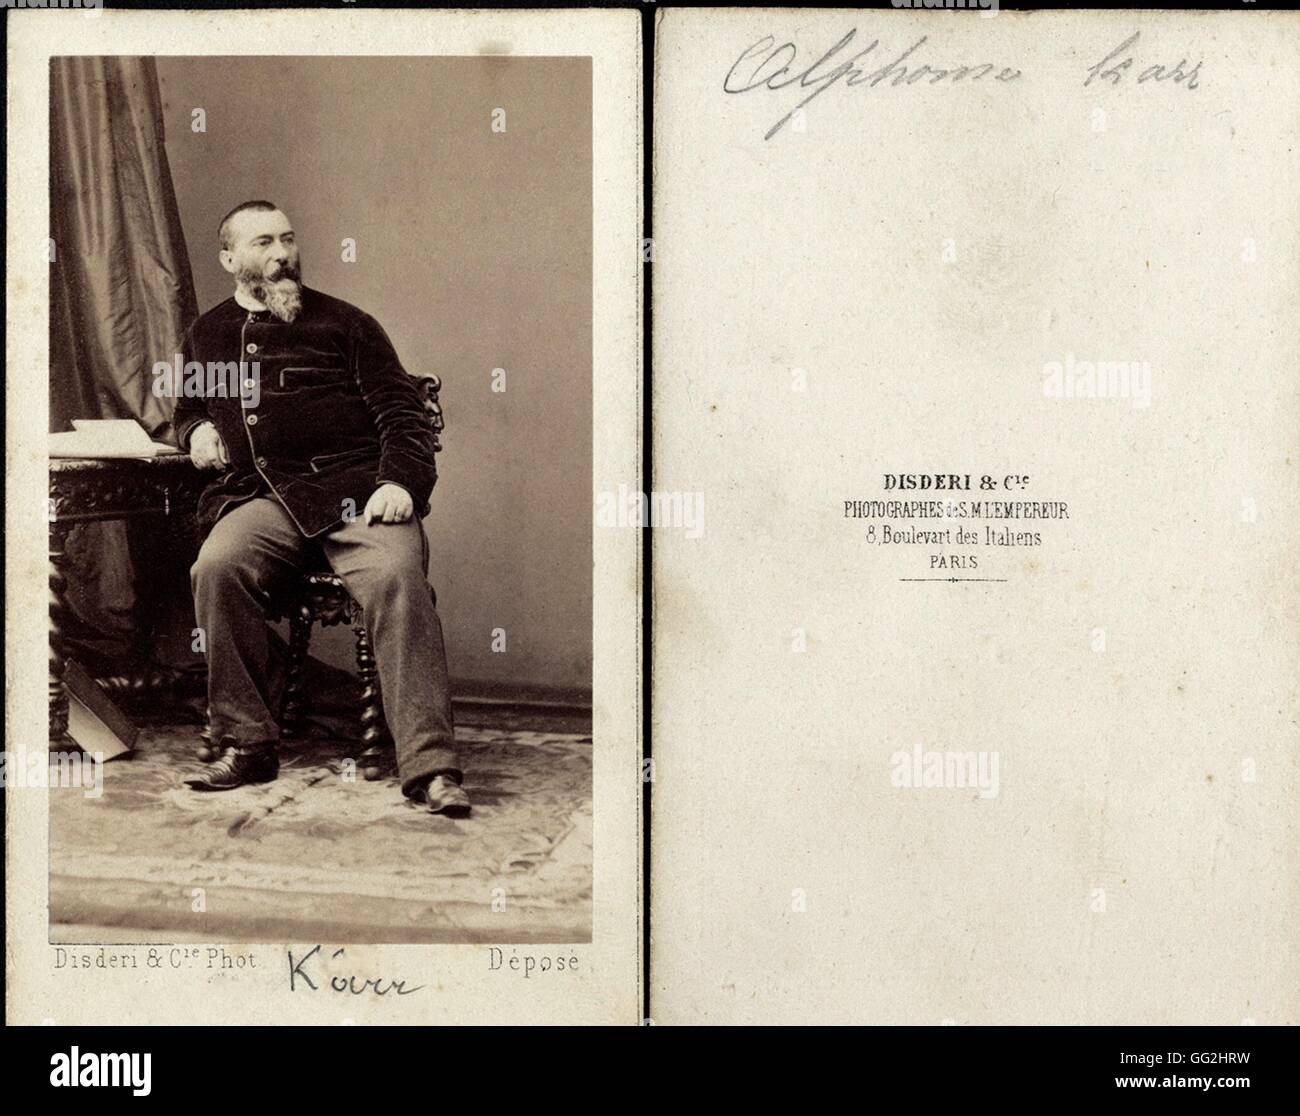 Alphonse Karr 1808 1890 Crivain Et Journaliste Franais Photo Par Andr Eugne Disdri Prises Entre 1857 1865 Carte De Visite Taille